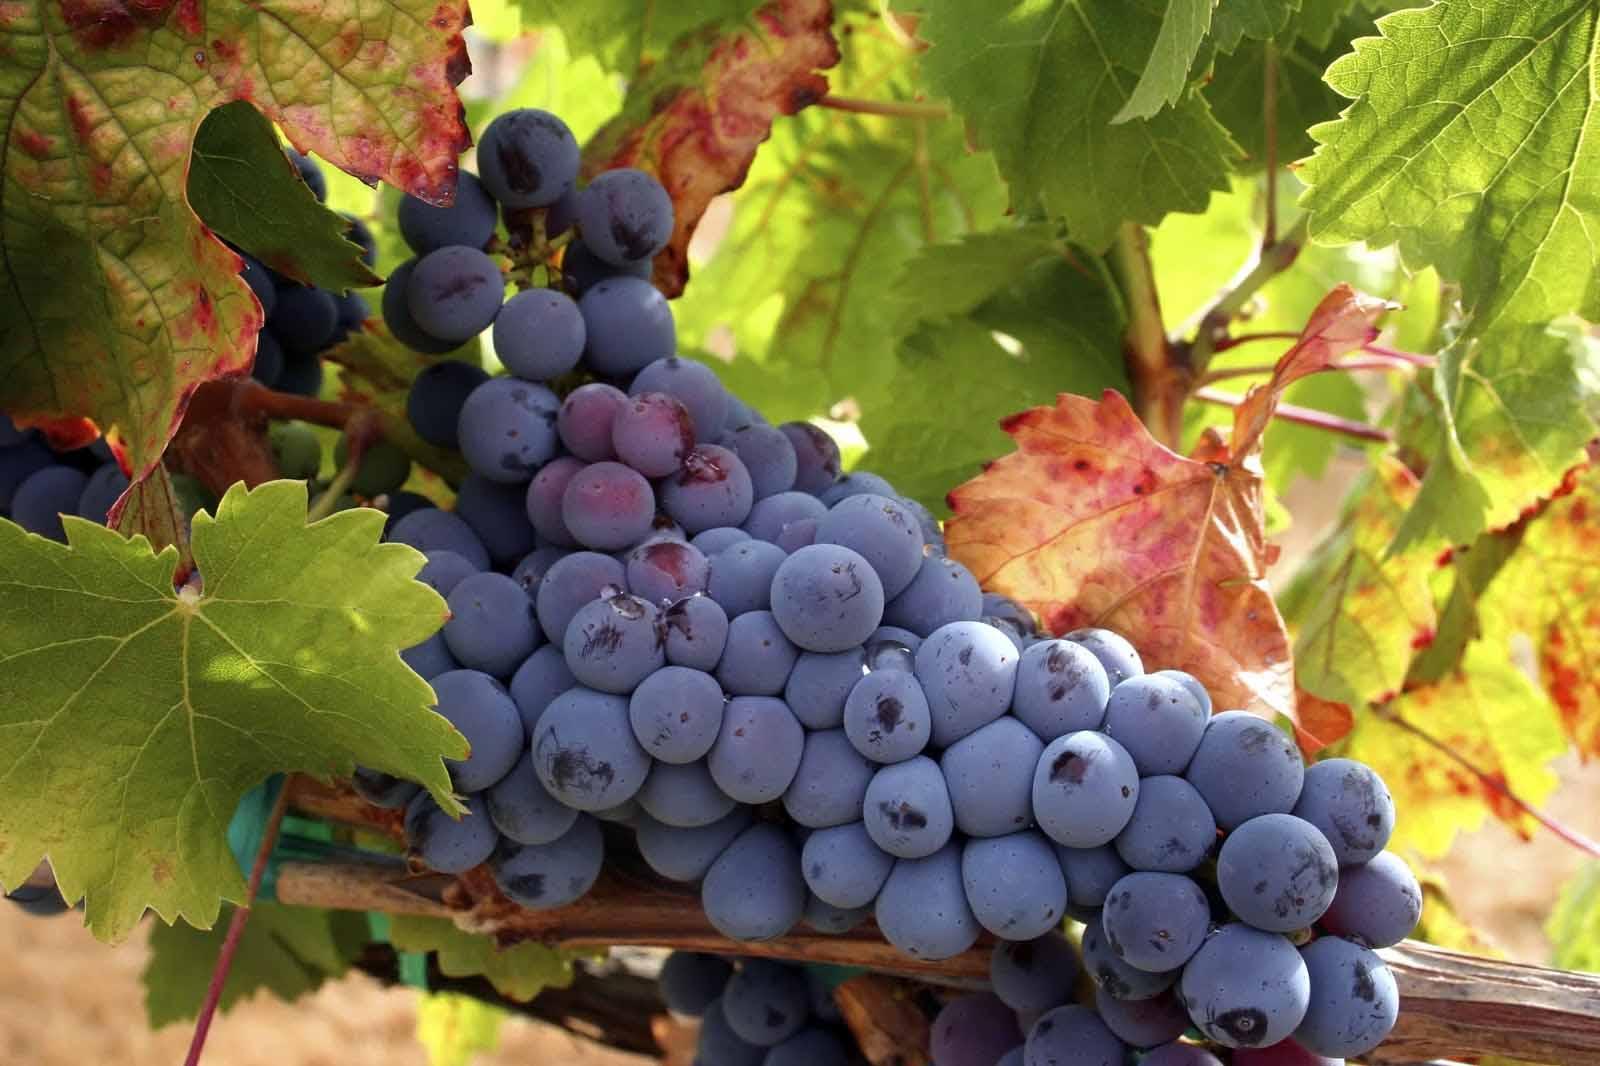 Чтобы приготовить качественное вино в домашних условиях, необходимо использовать только хорошо вызревшие плоды, собранные в сухую погоду, ни в коем случаем не после дождя.